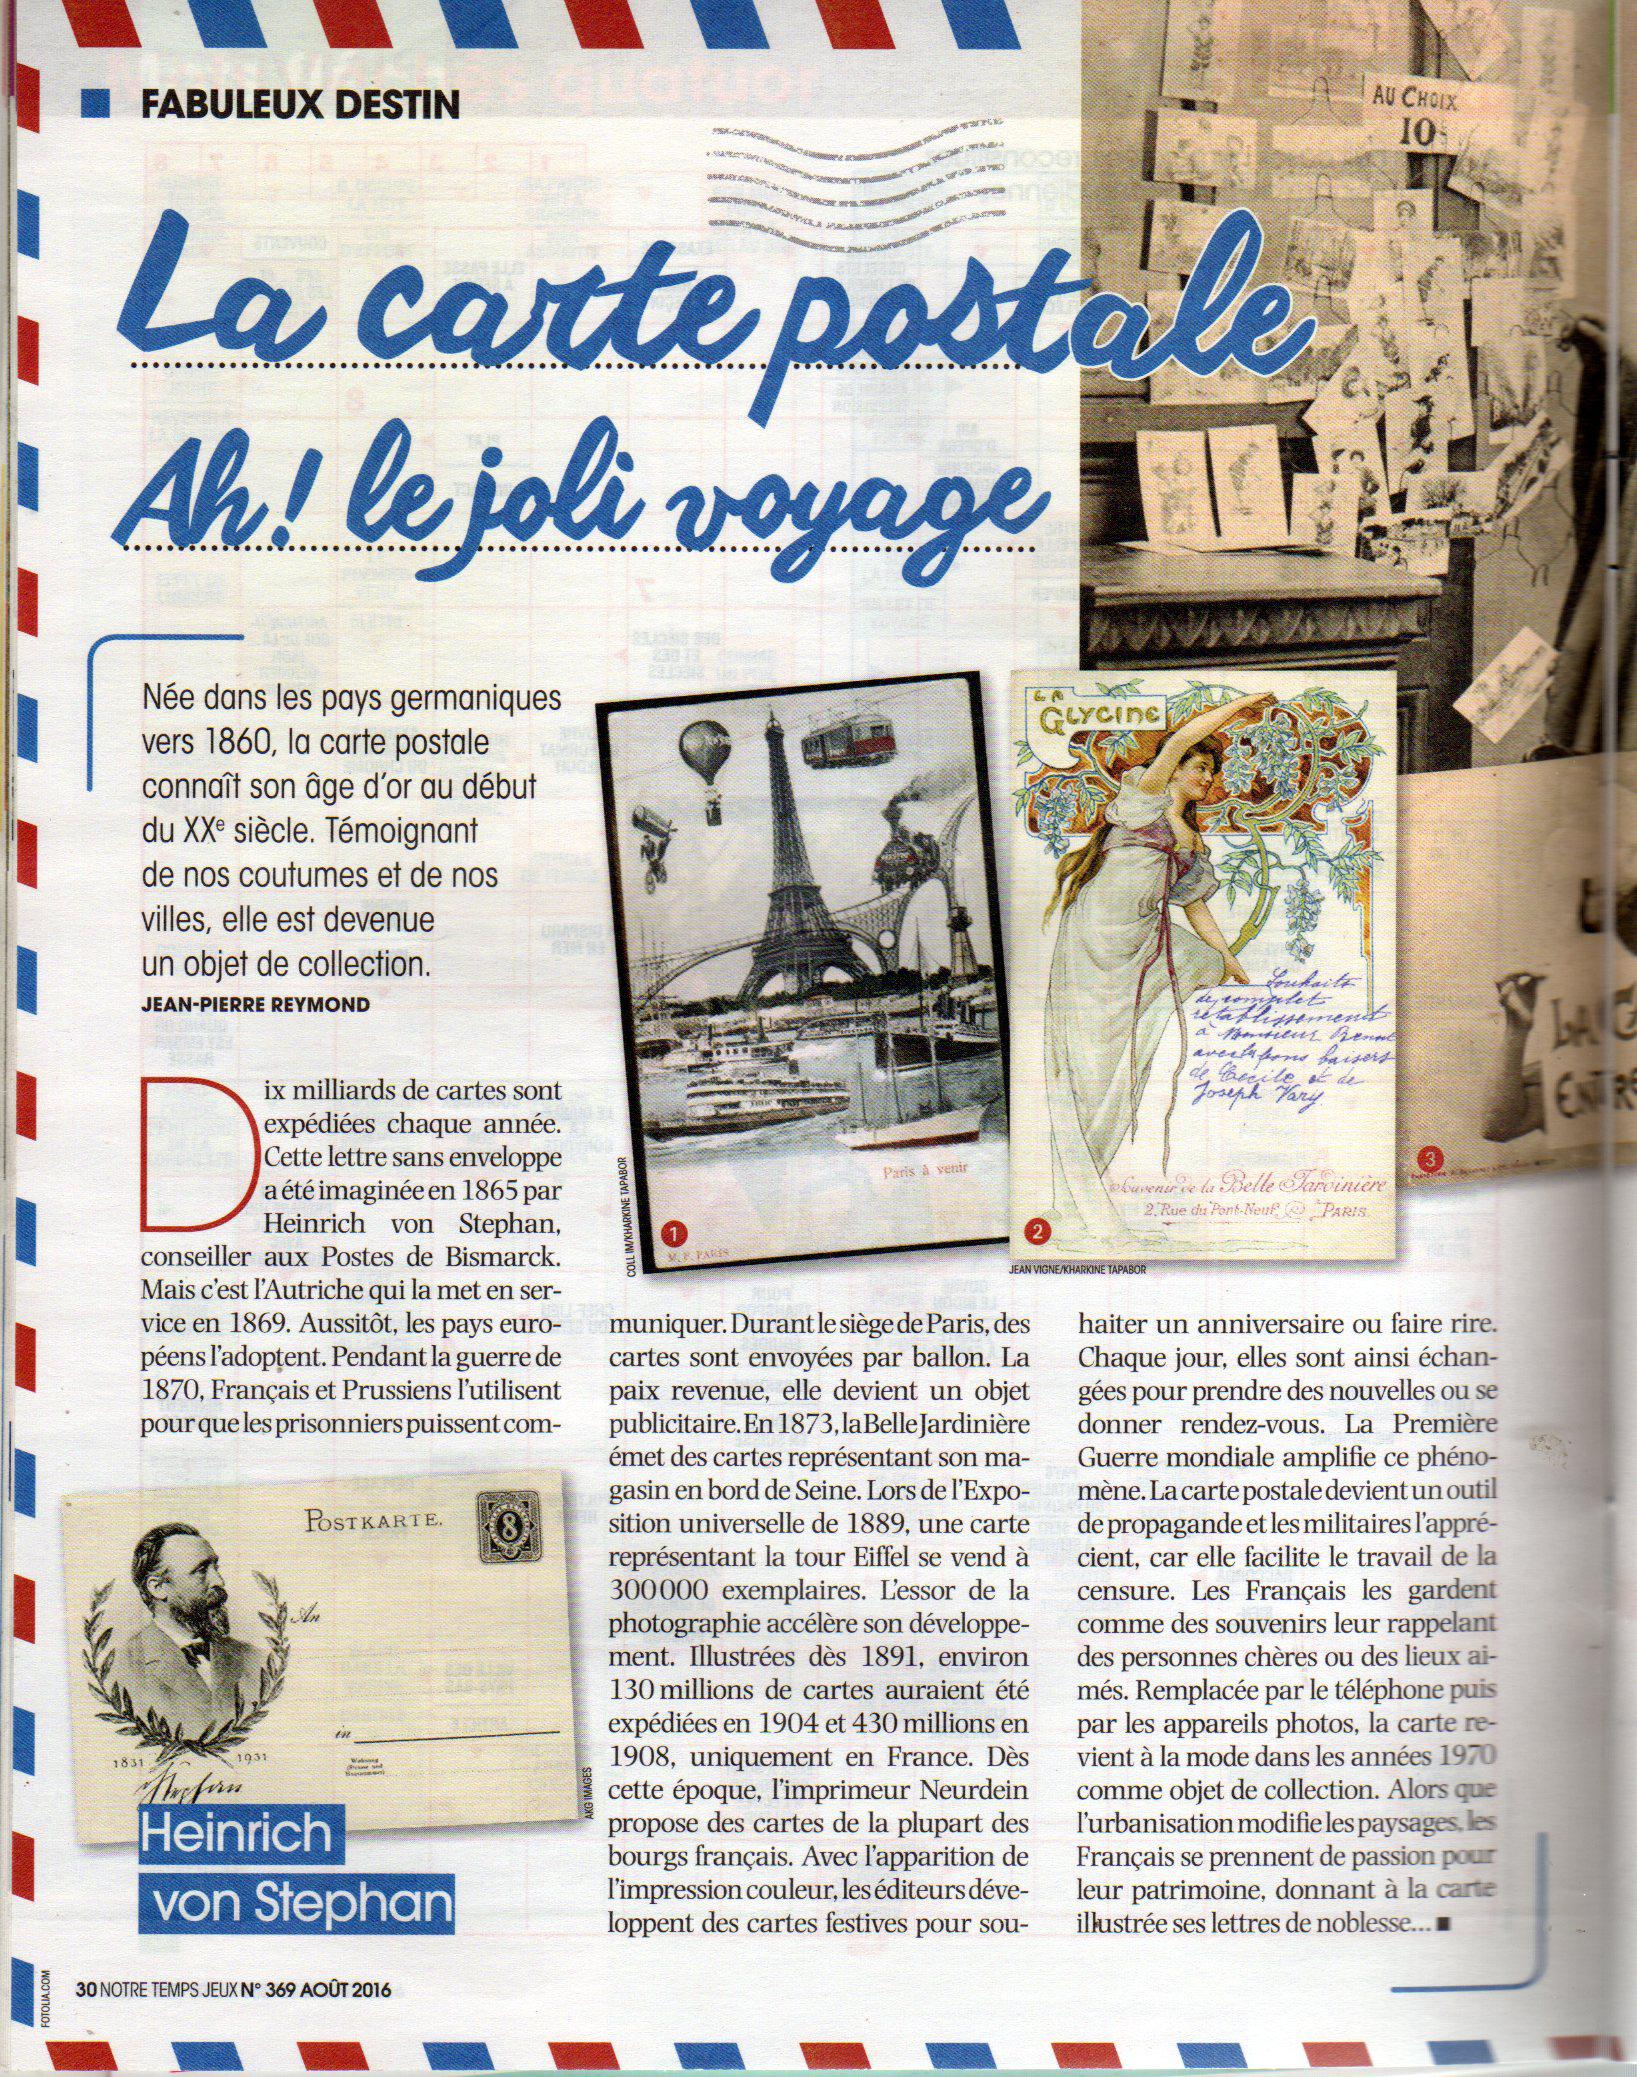 Article sur les cartes postales, issu de la revue Notre Temps, édition d'Août 2016.